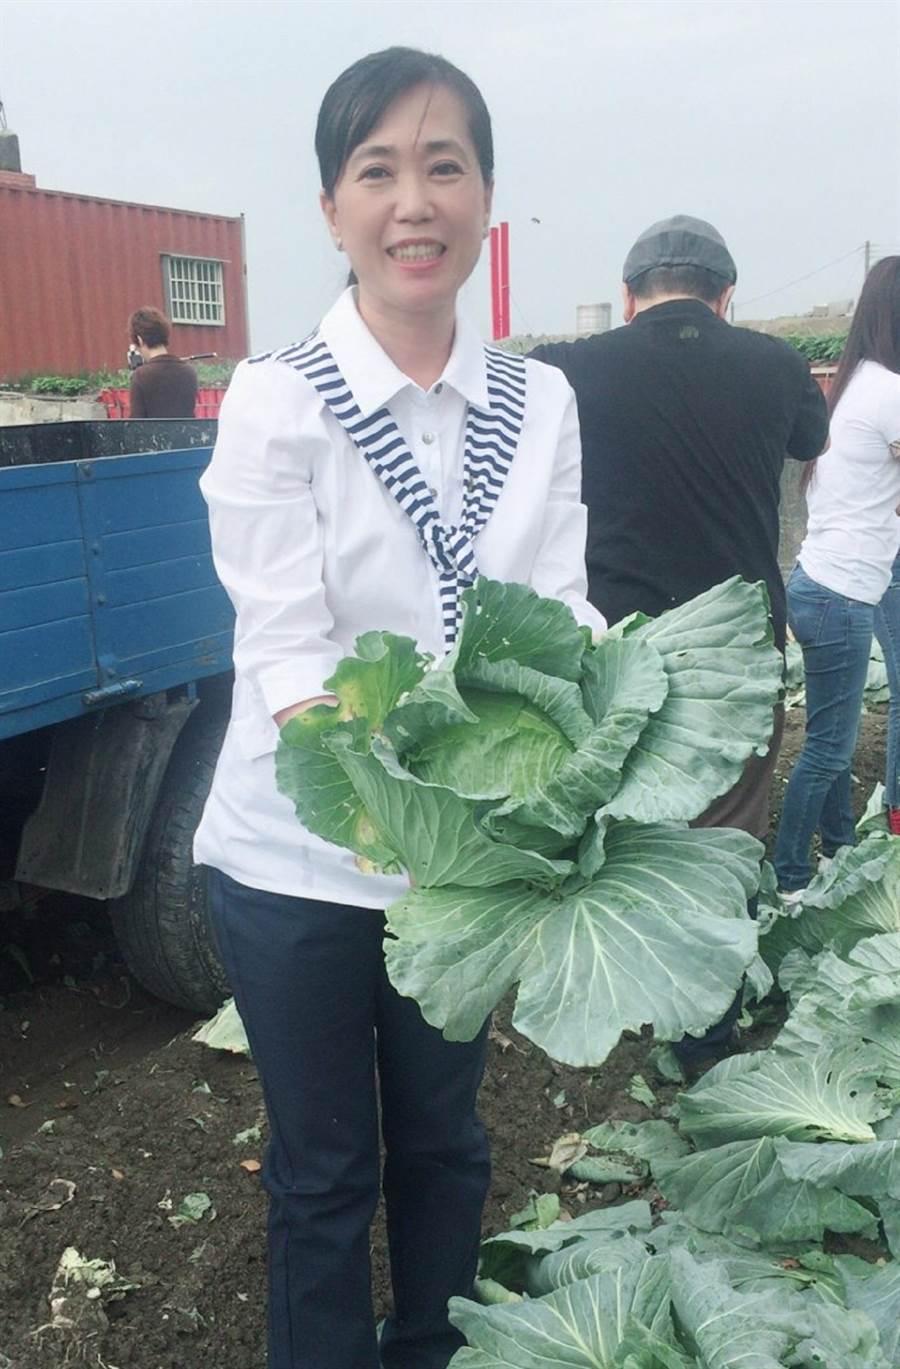 縣議員候選人黃美蘭下鄉採購高麗菜,了解農民的心聲。(張朝欣攝)